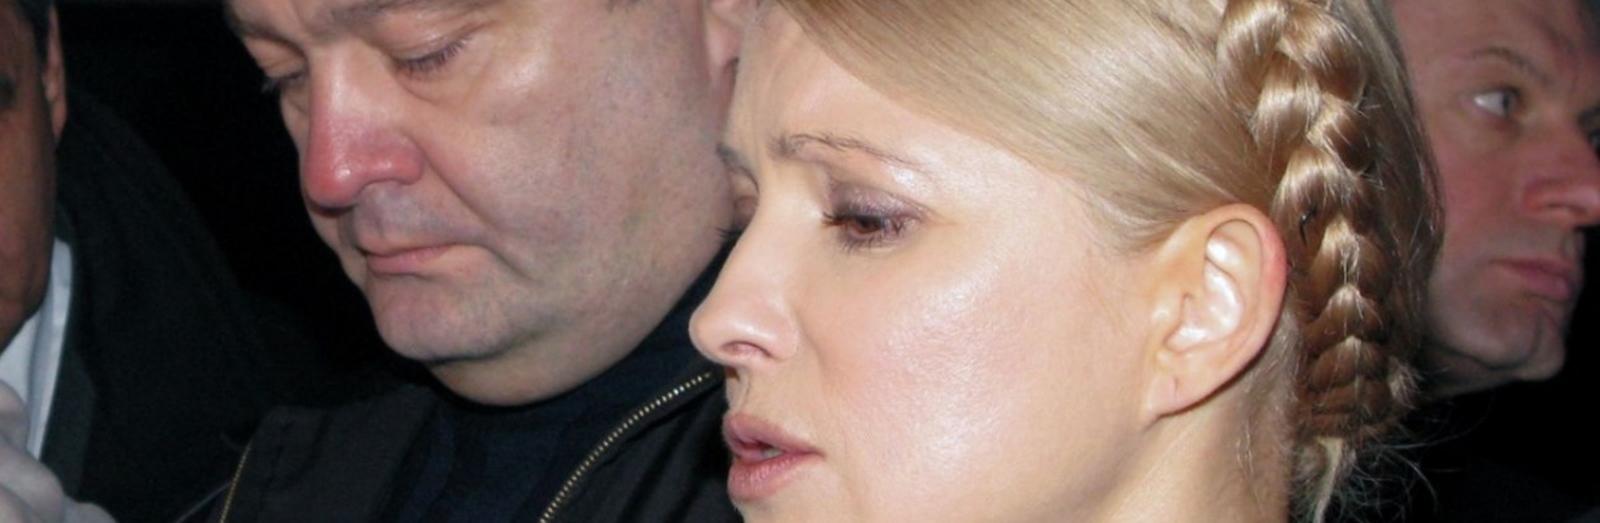 https://img.pravda.com/images/doc/5/1/5116950-poroshenko-timoshenko-1600.jpg